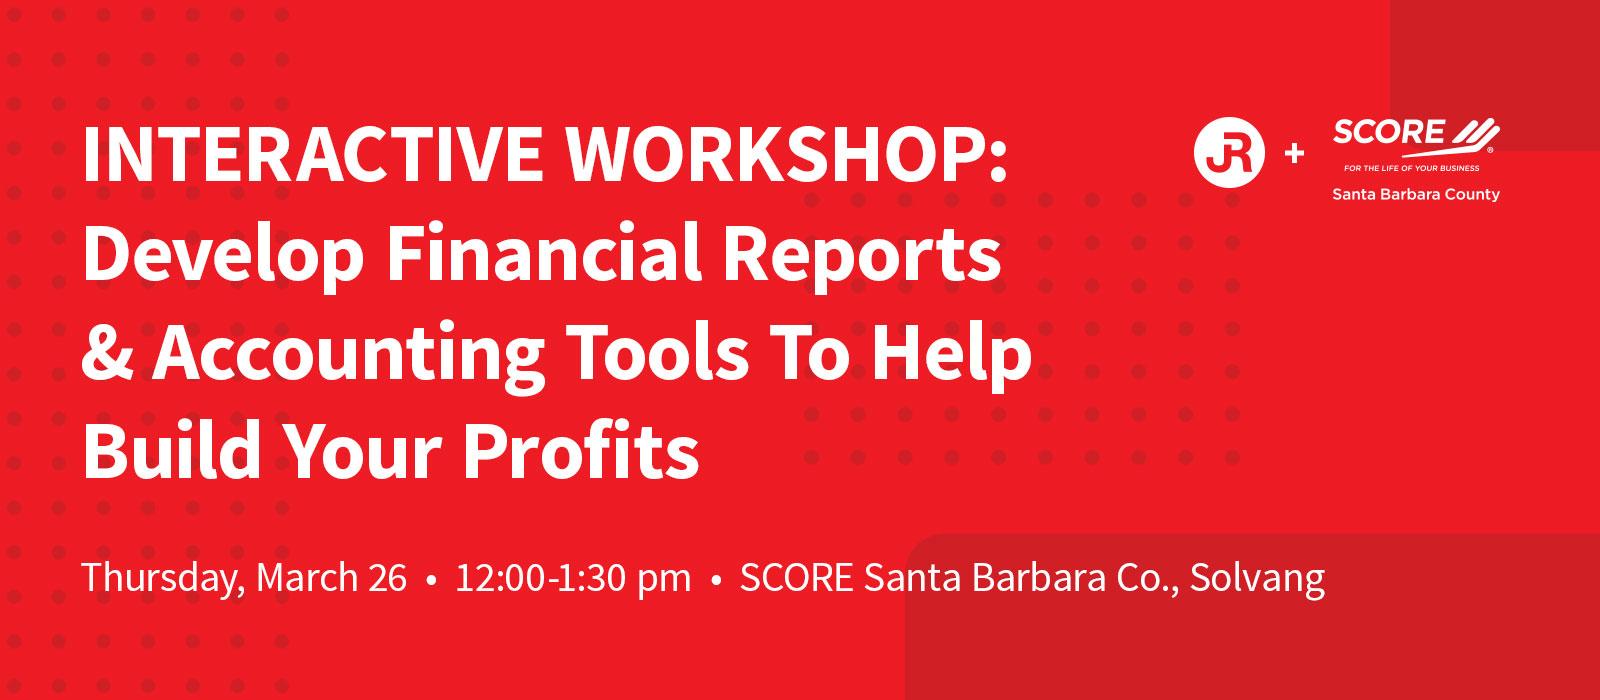 3.26.20 -- Interactive Accounting Workshop -- SCORE Santa Barbara Co. Solvang